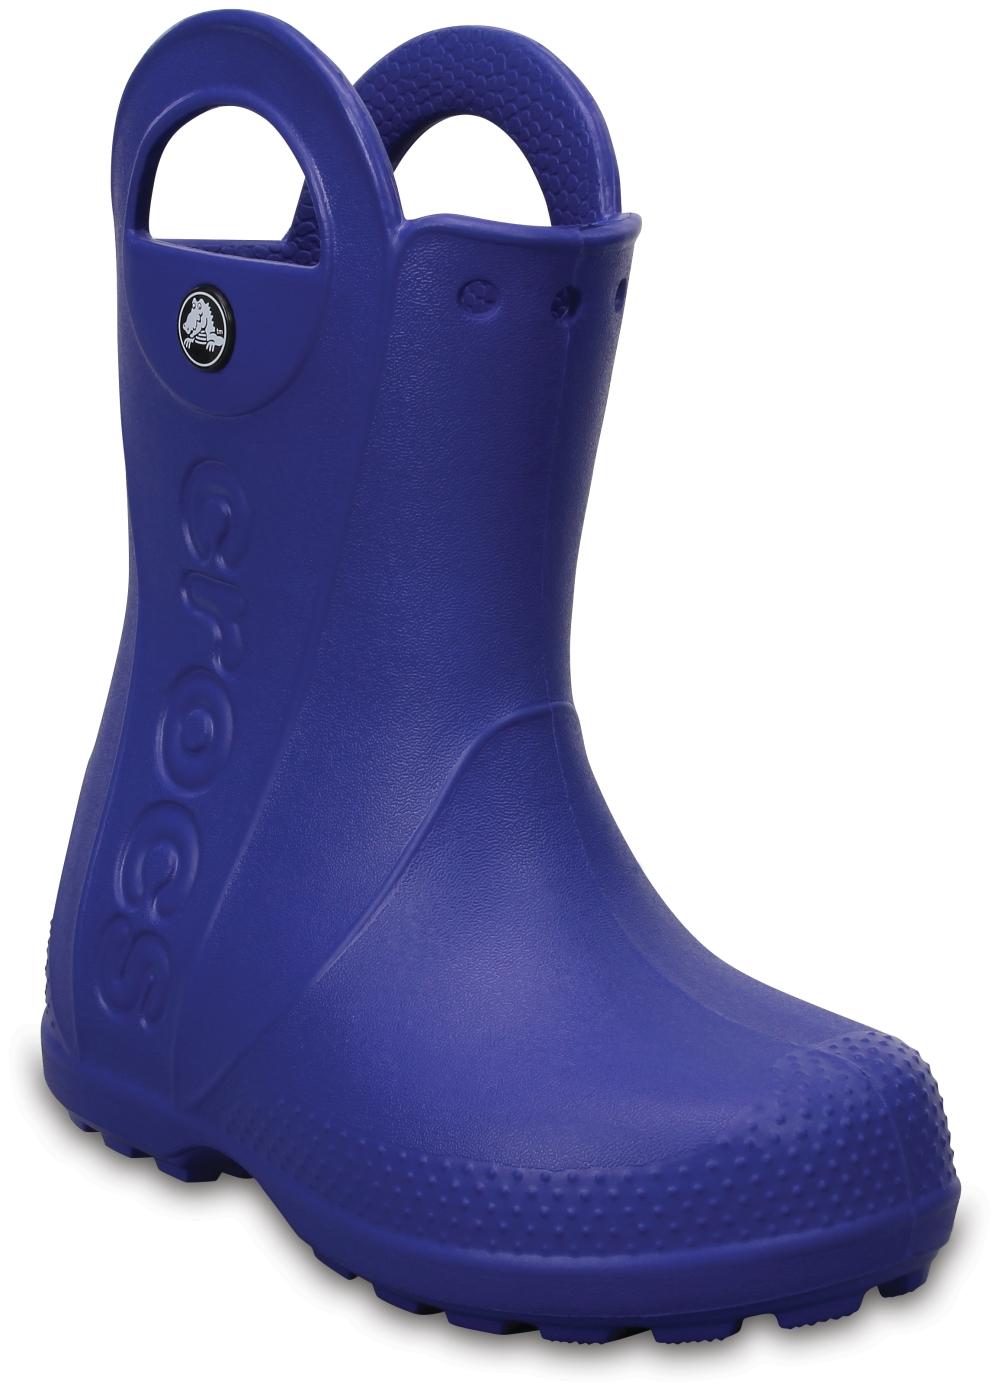 crocs Handle It Rain Boot Kids Cerulean Blau Croslite, Weite: normal Croslite